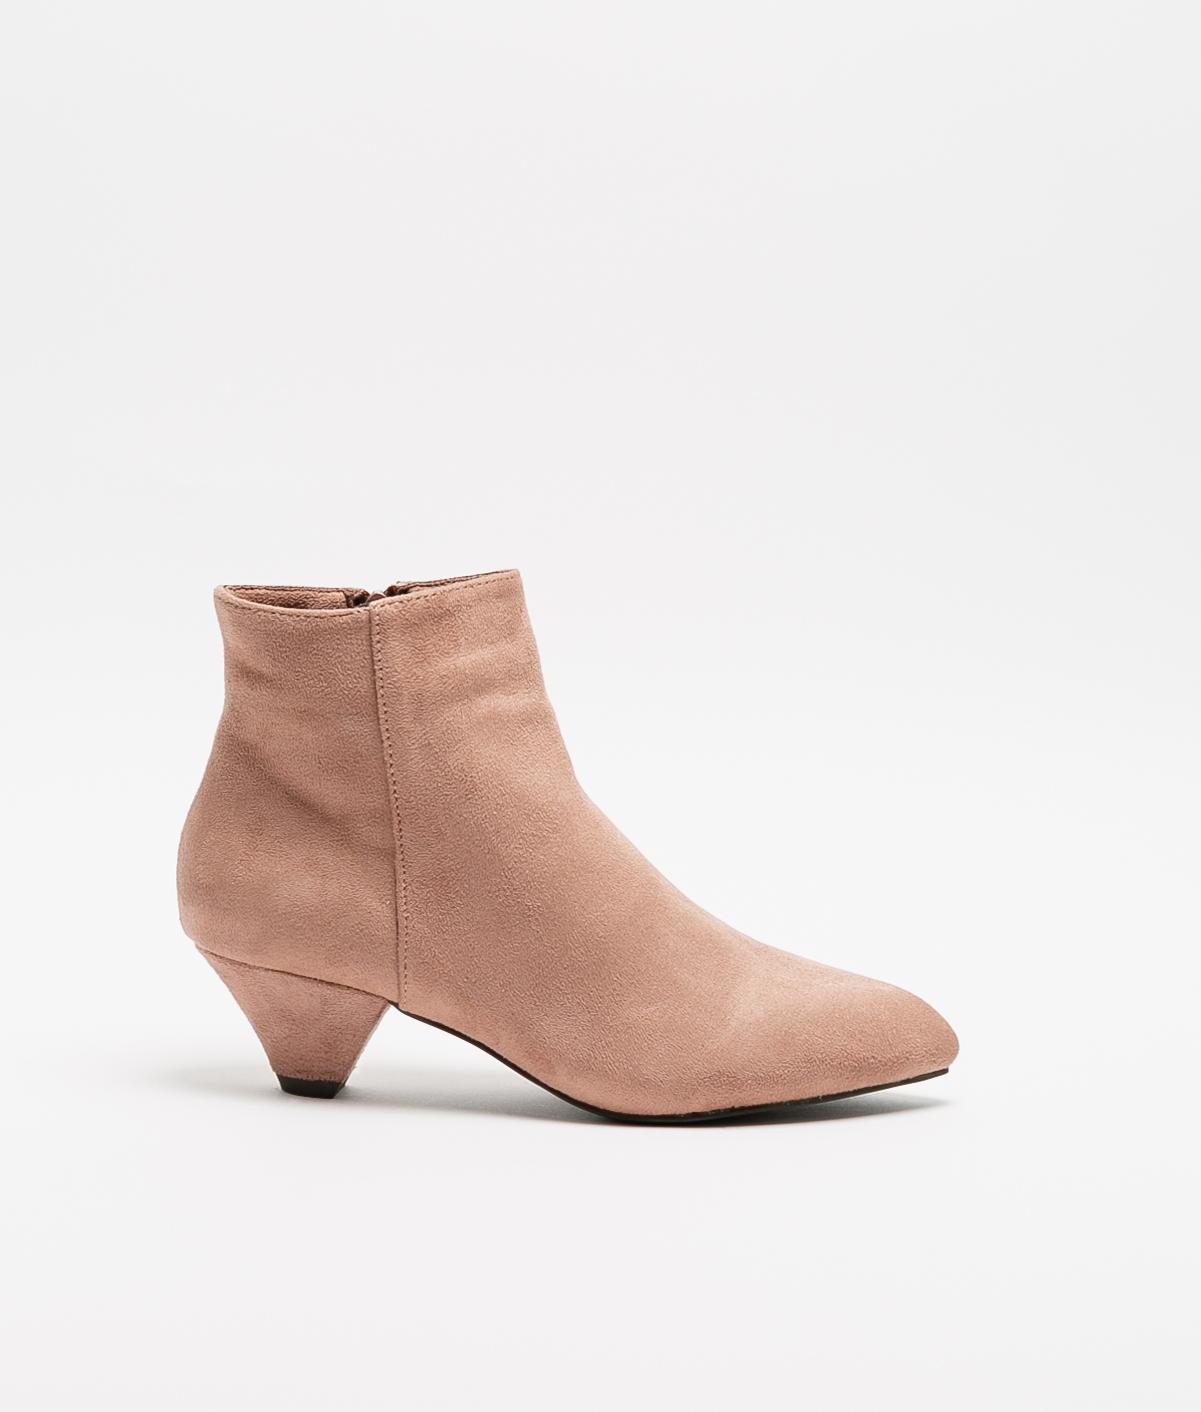 Boot Petite Prisca - Nude